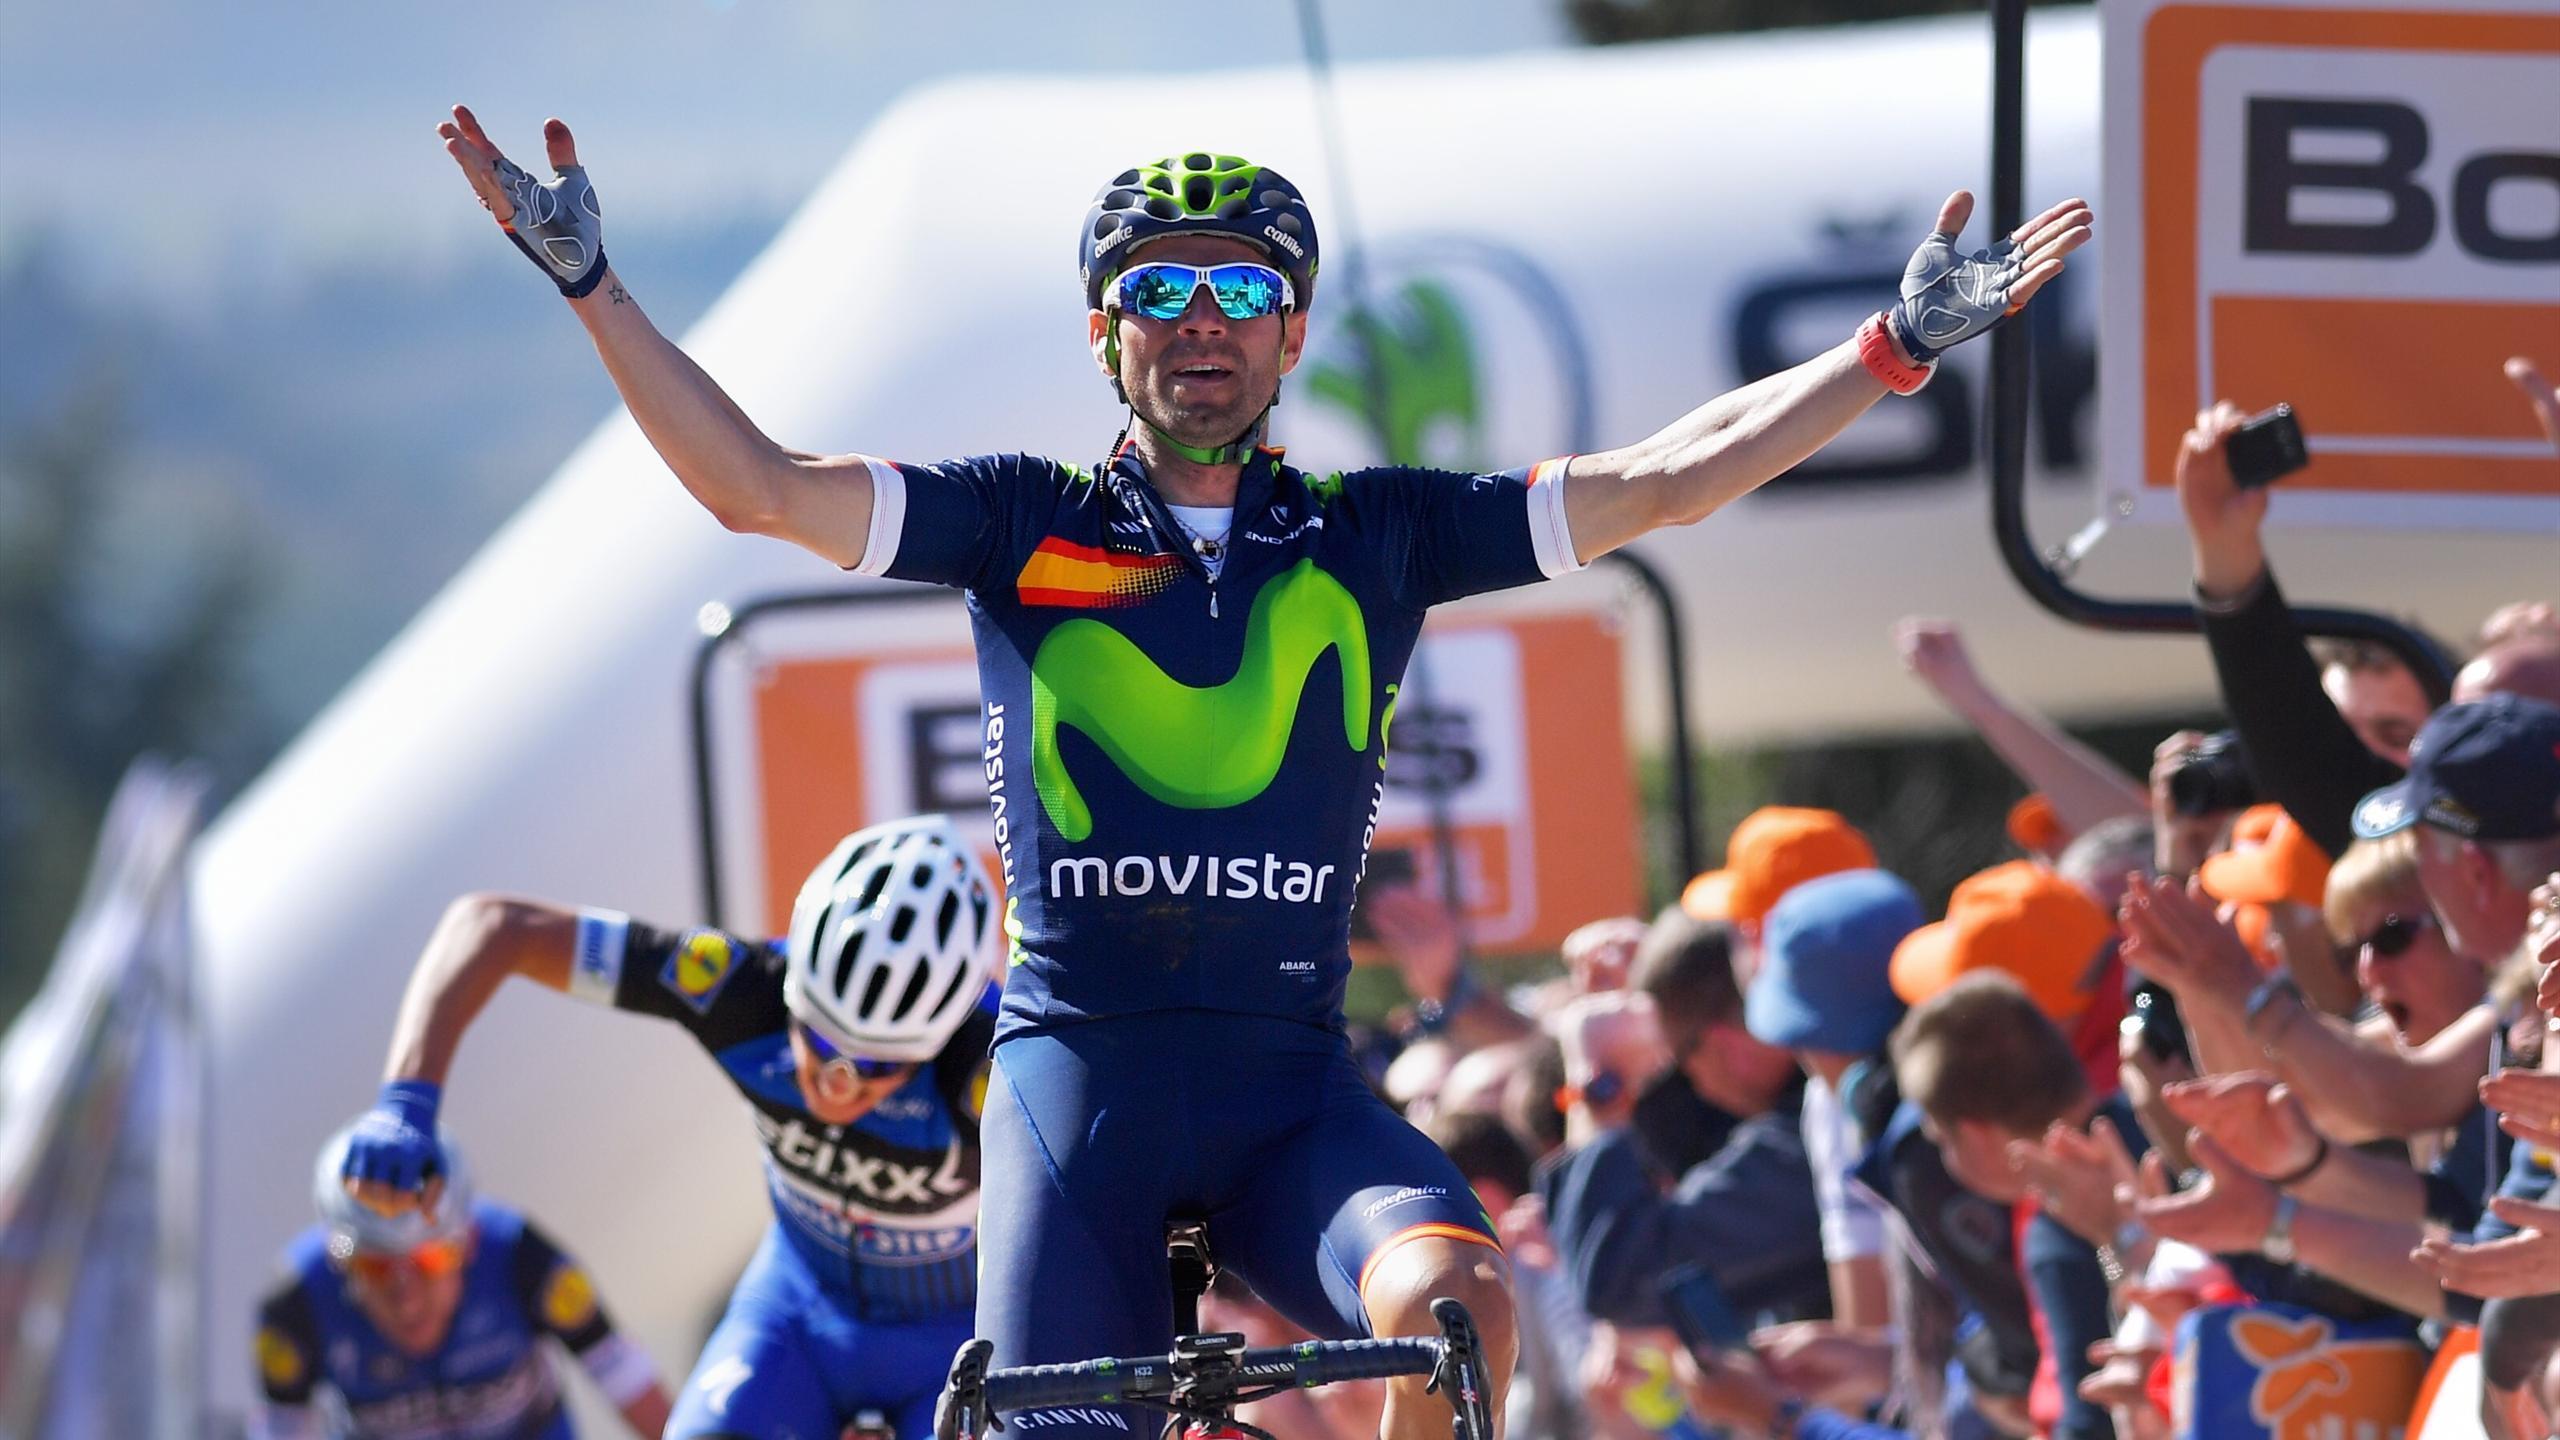 Alejandro Valverde en tête au sommet du Mur de Huy pour la 4e fois - Fleche Wallonne 2016